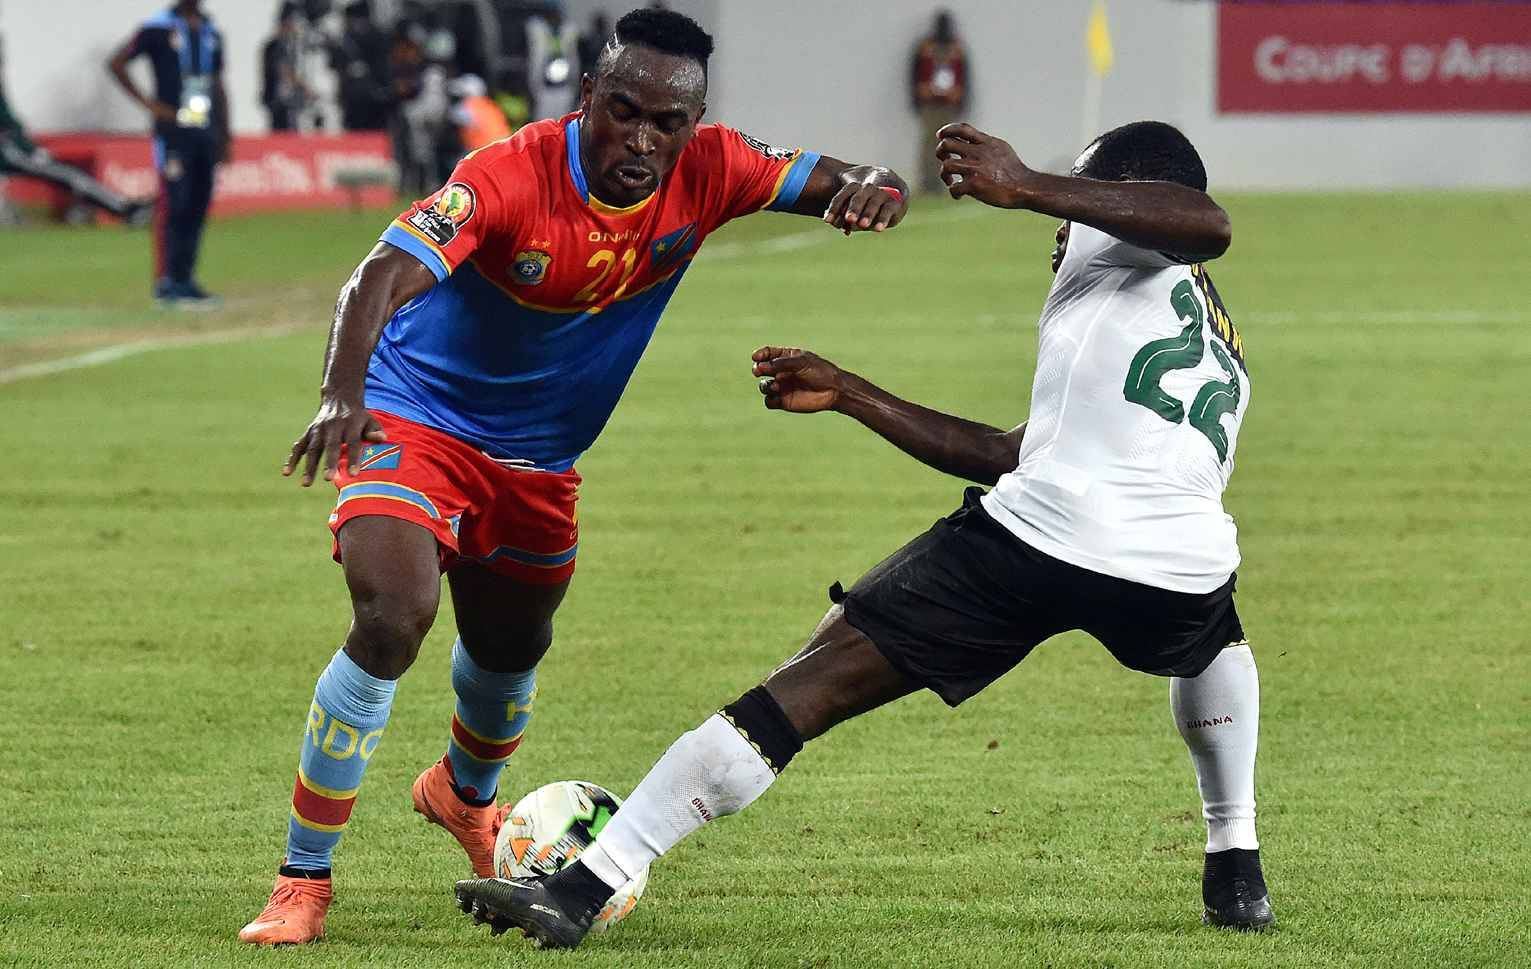 Un attaquant congolais signe à Rennes — Officiel